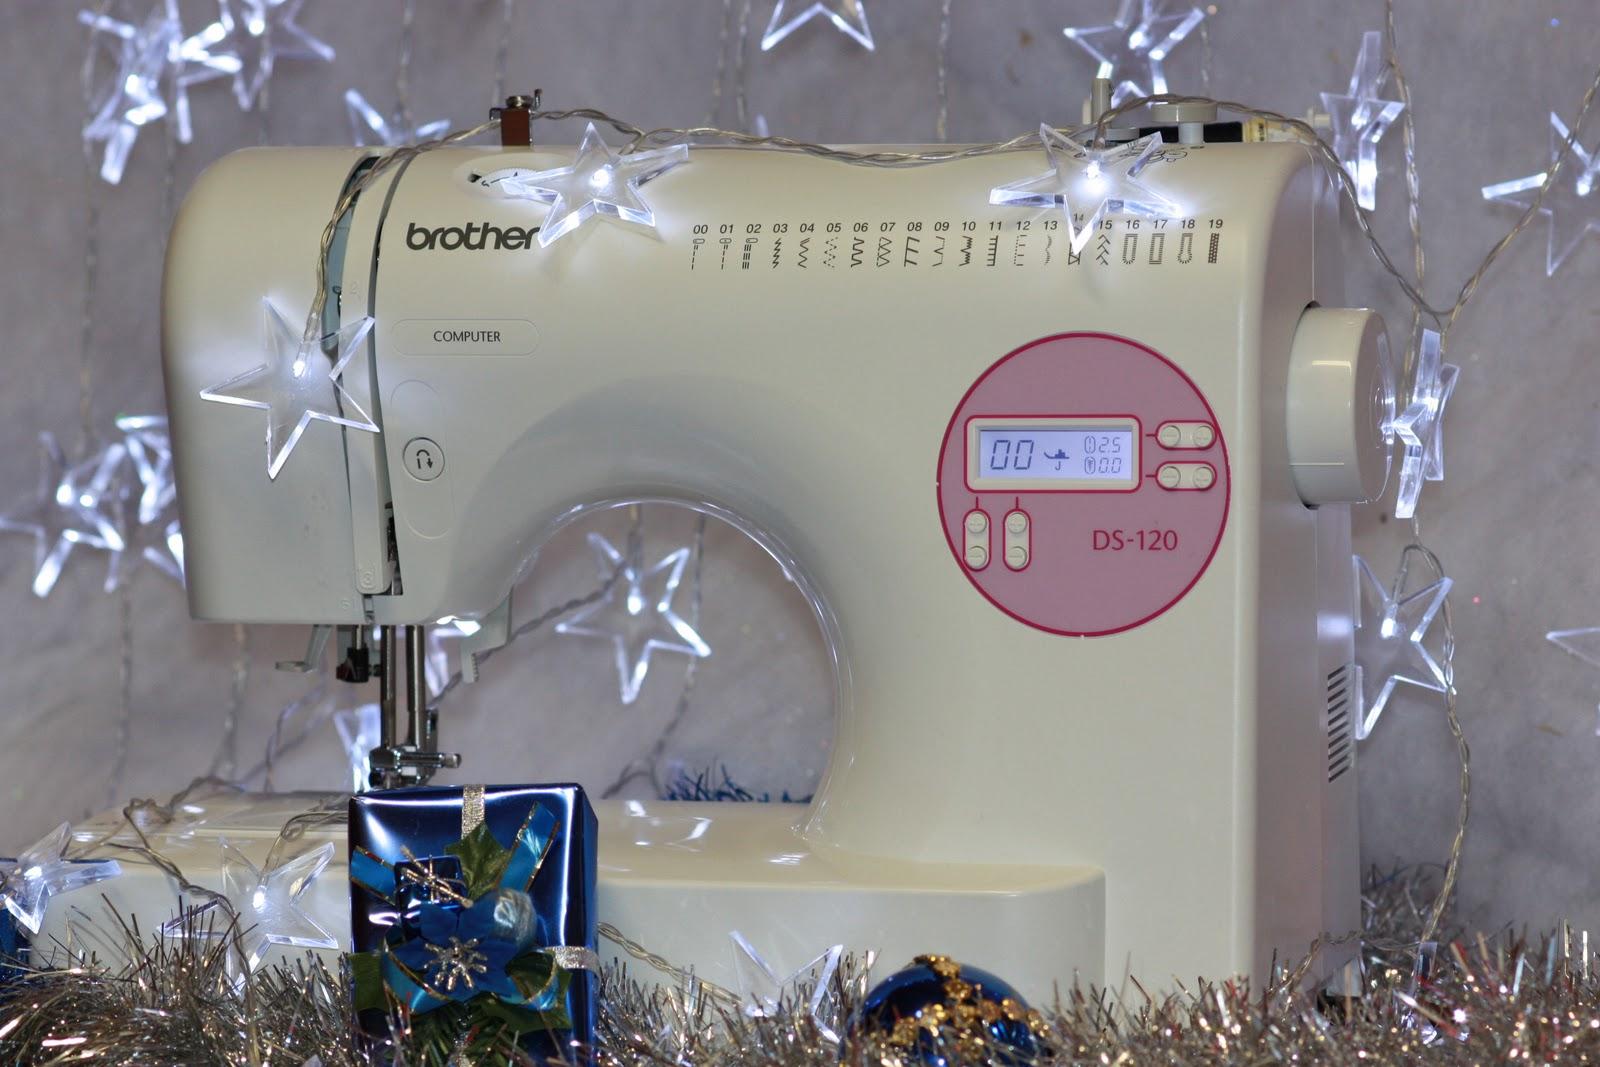 Achat vente et r paration de machine coudre et broder machine a coudre brother ds 120 - Reparation machine a coudre brother ...